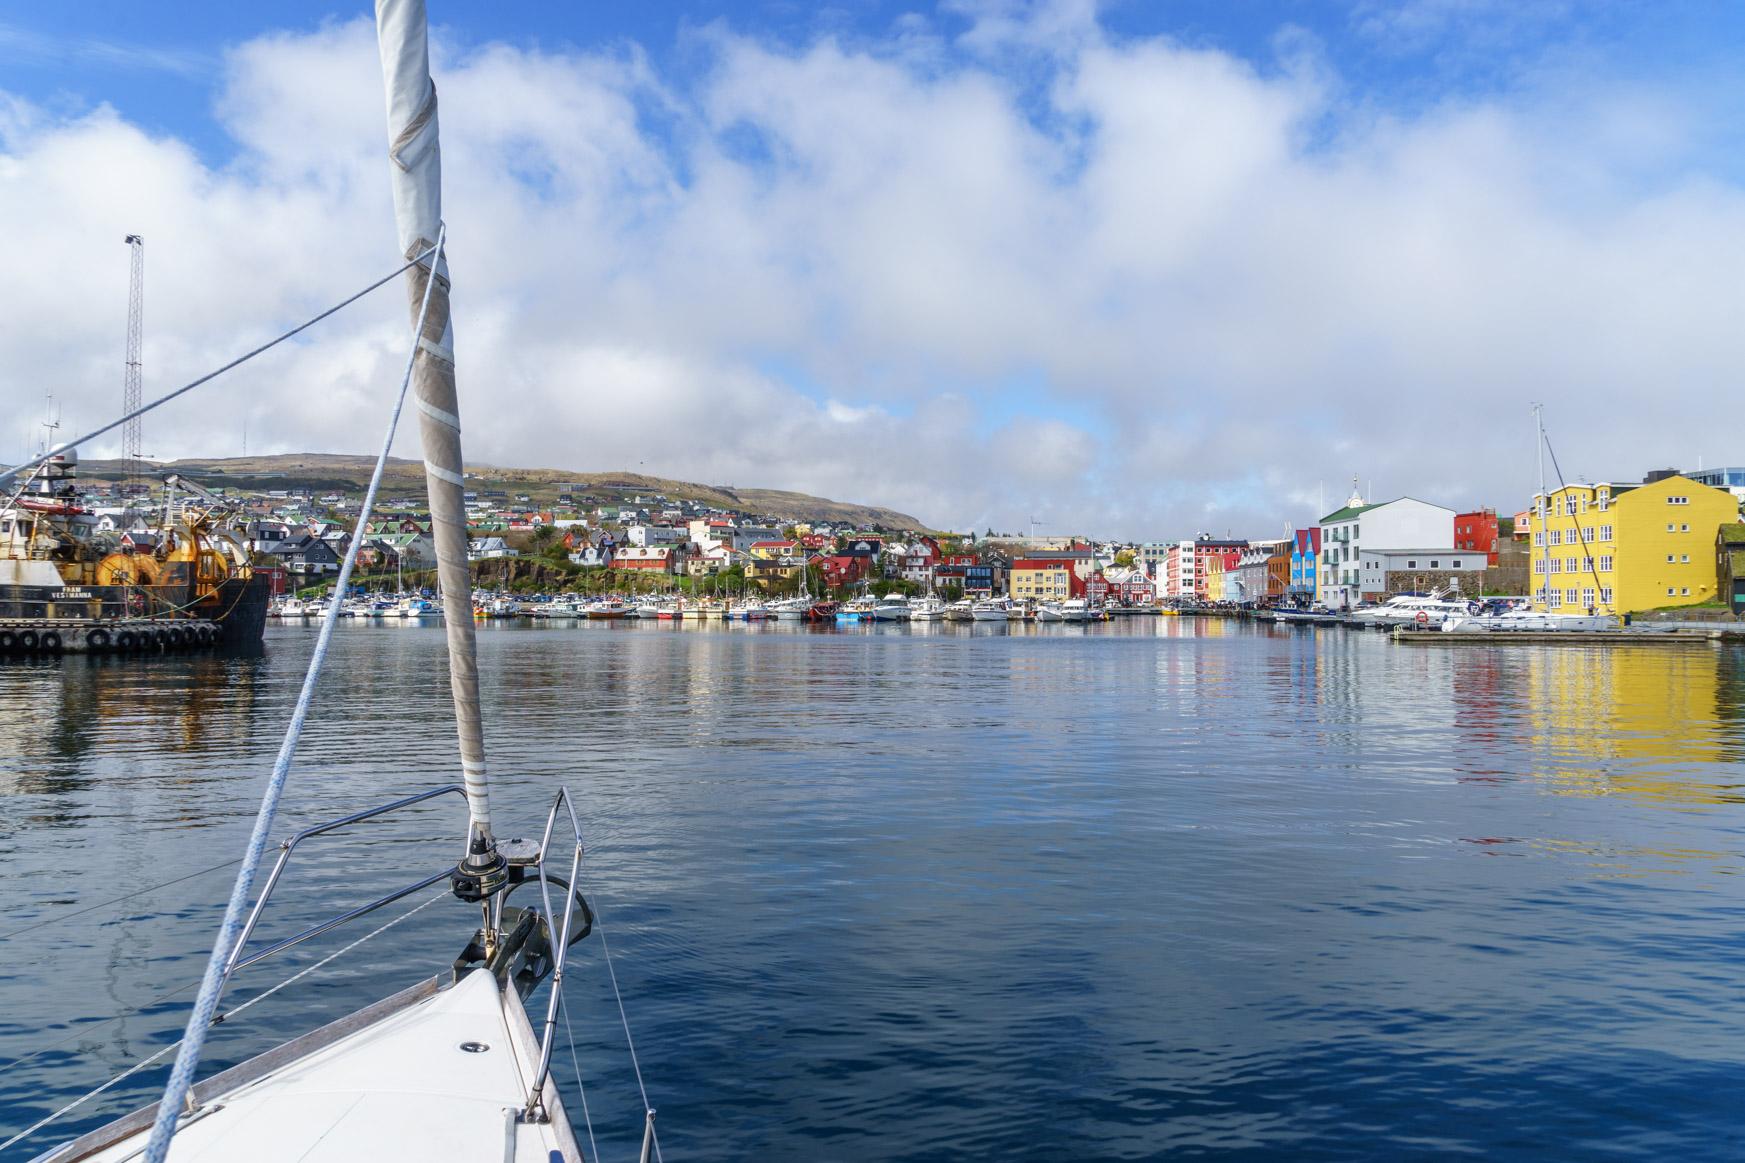 Marina in Torshavn